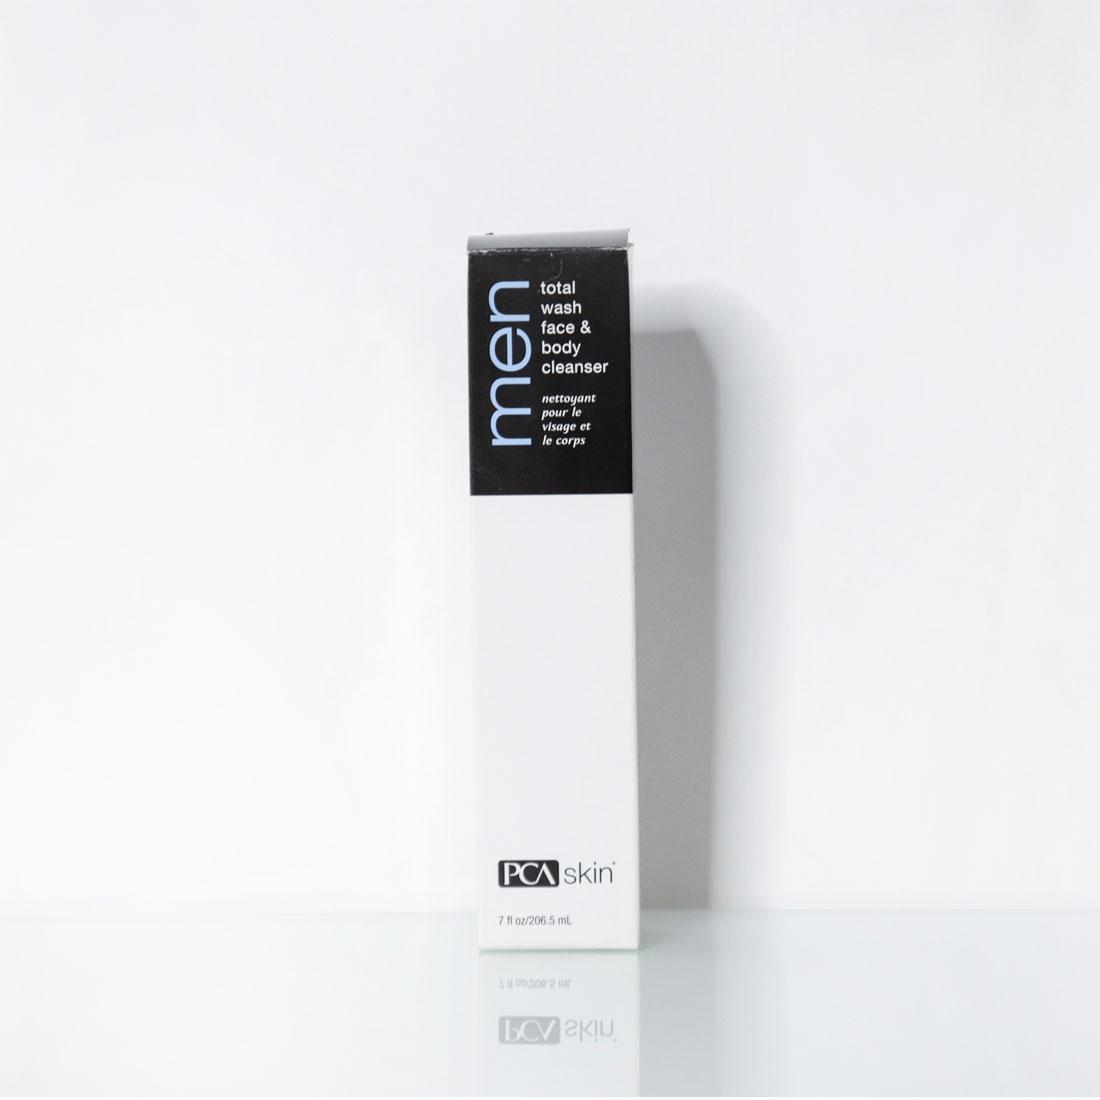 Универсальное средство для очищения кожи лица и тела, 206,5 мл ., PCA Skin все цены